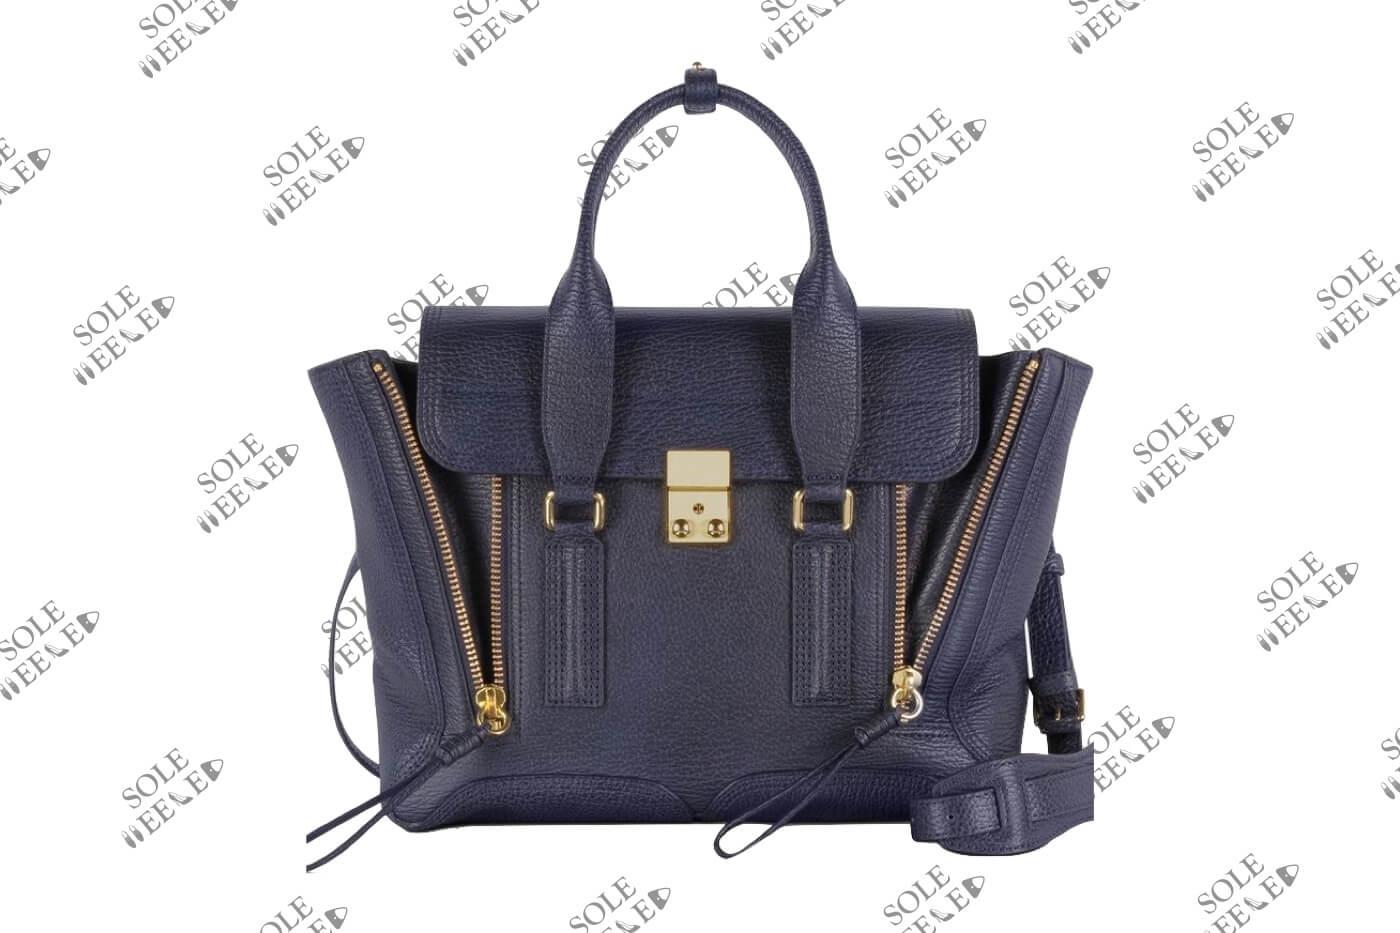 3.1 Phillip Lim Handbag Recolouring